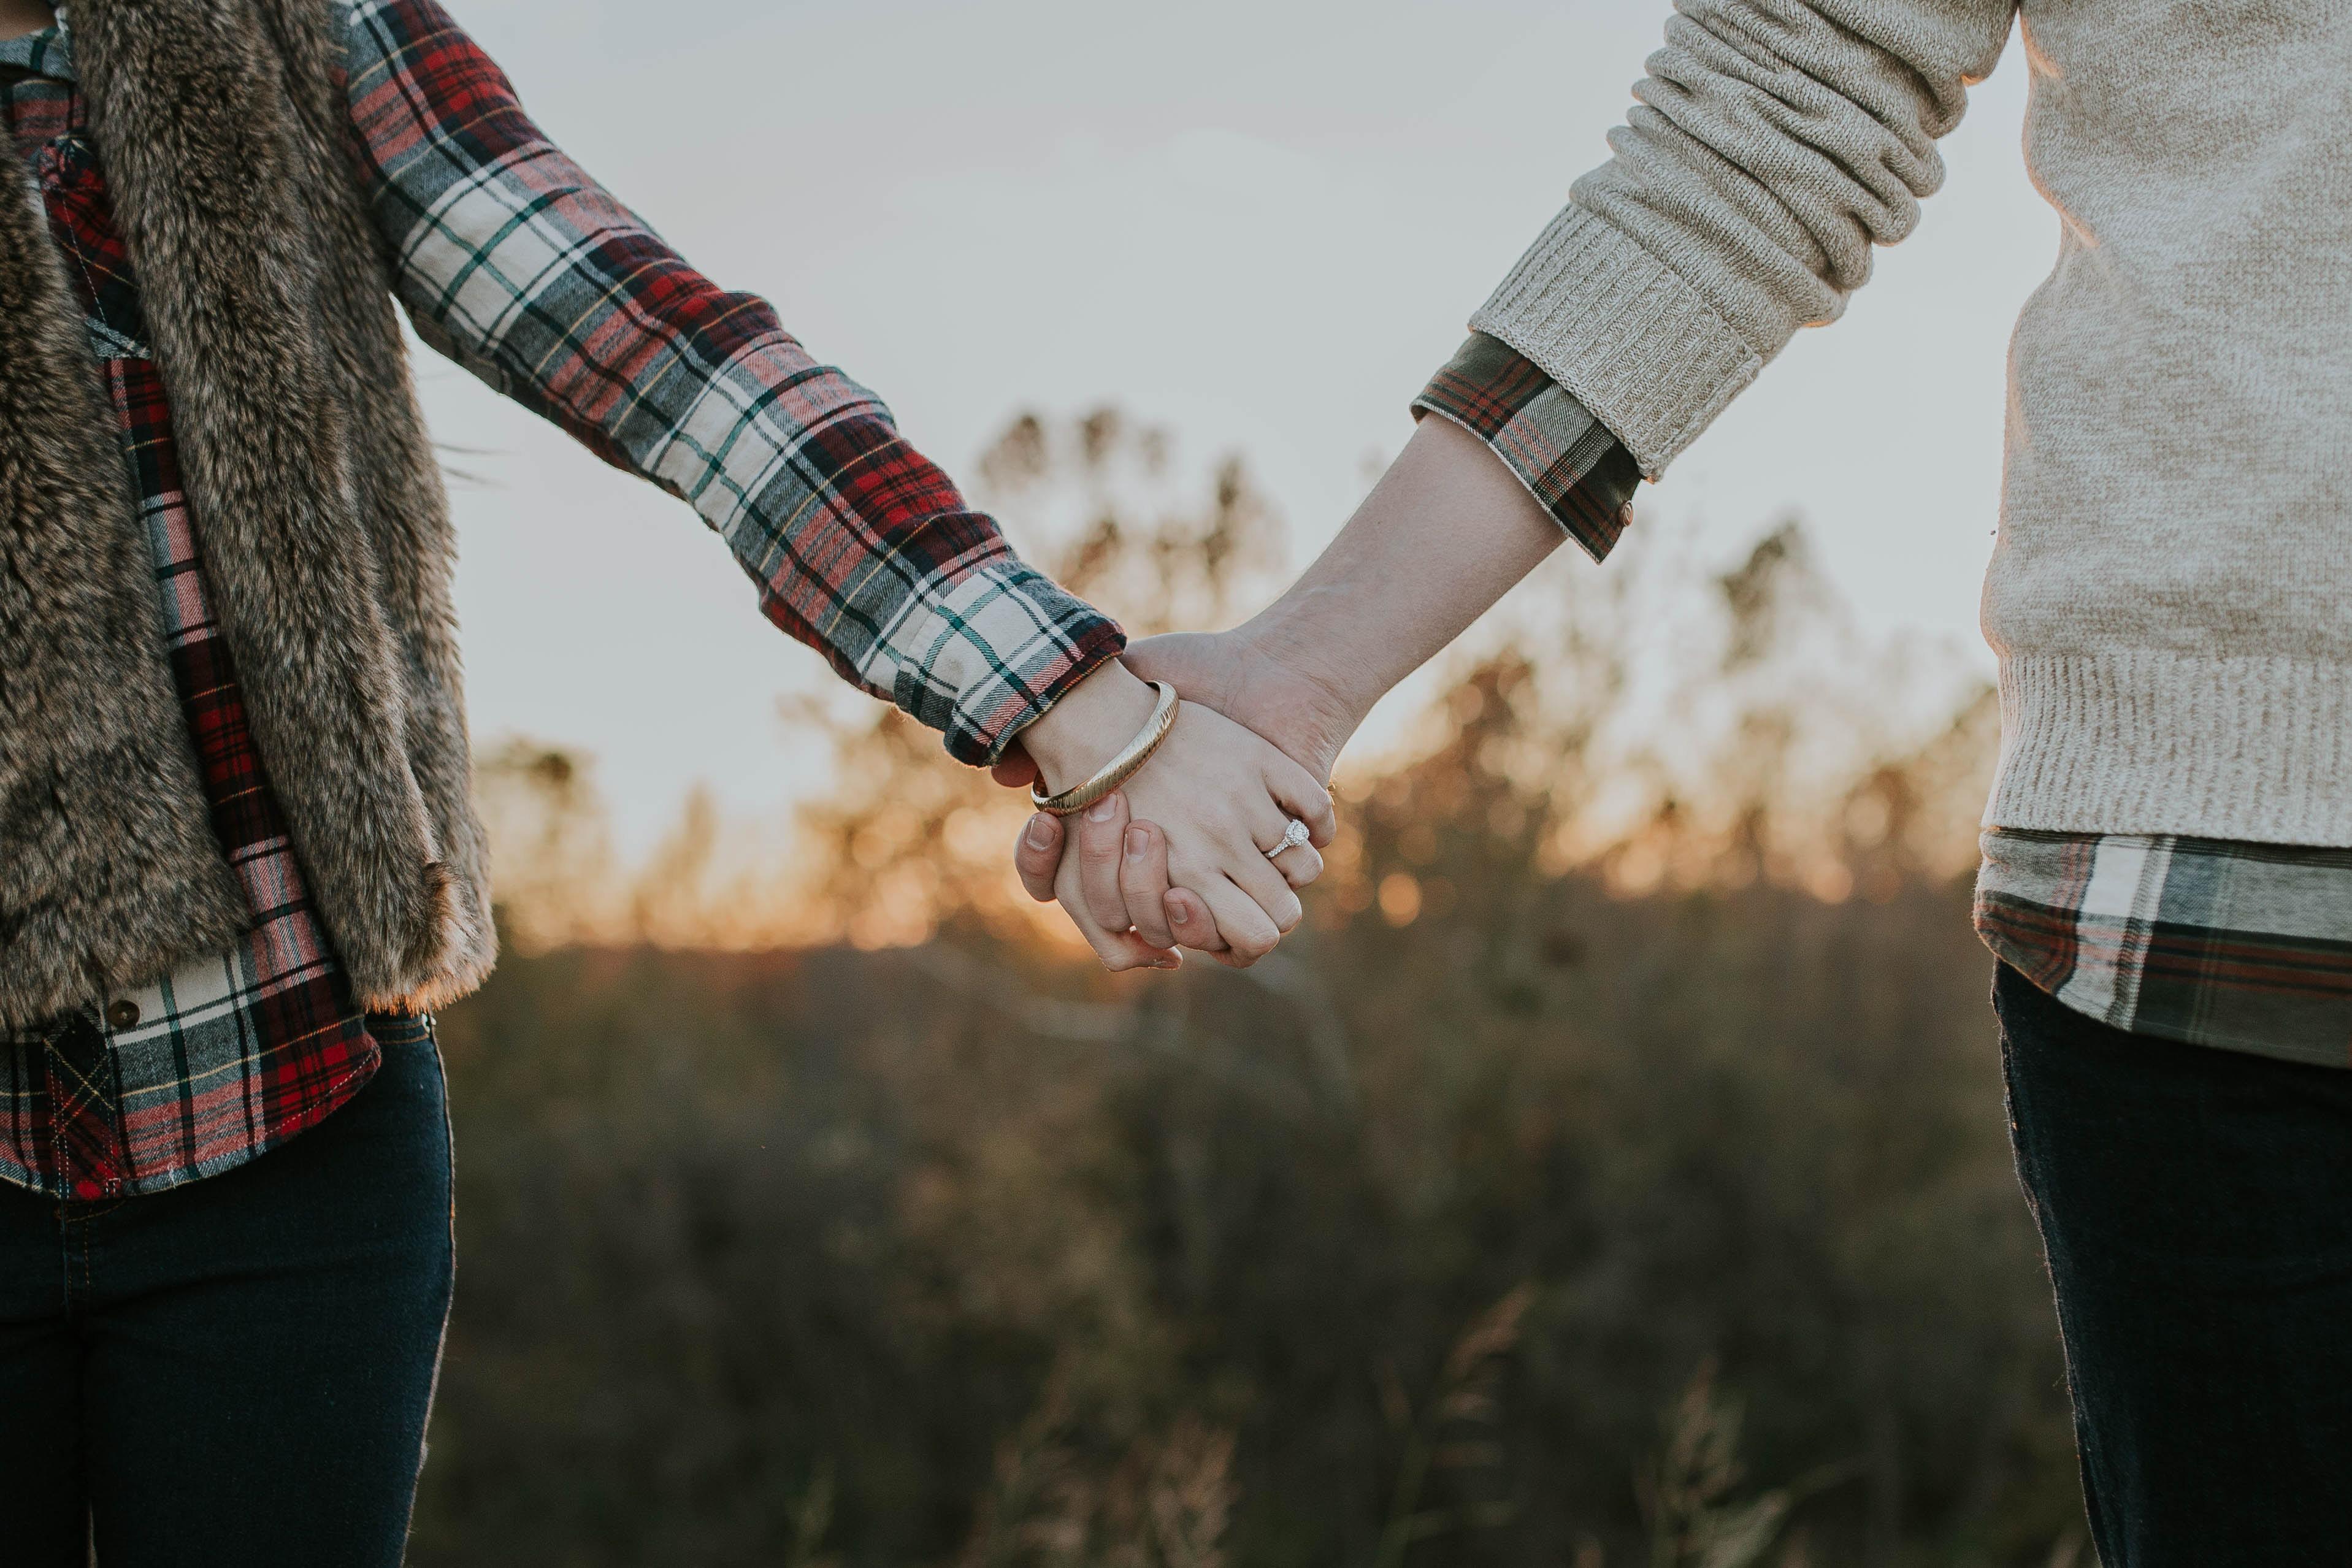 go together bonding